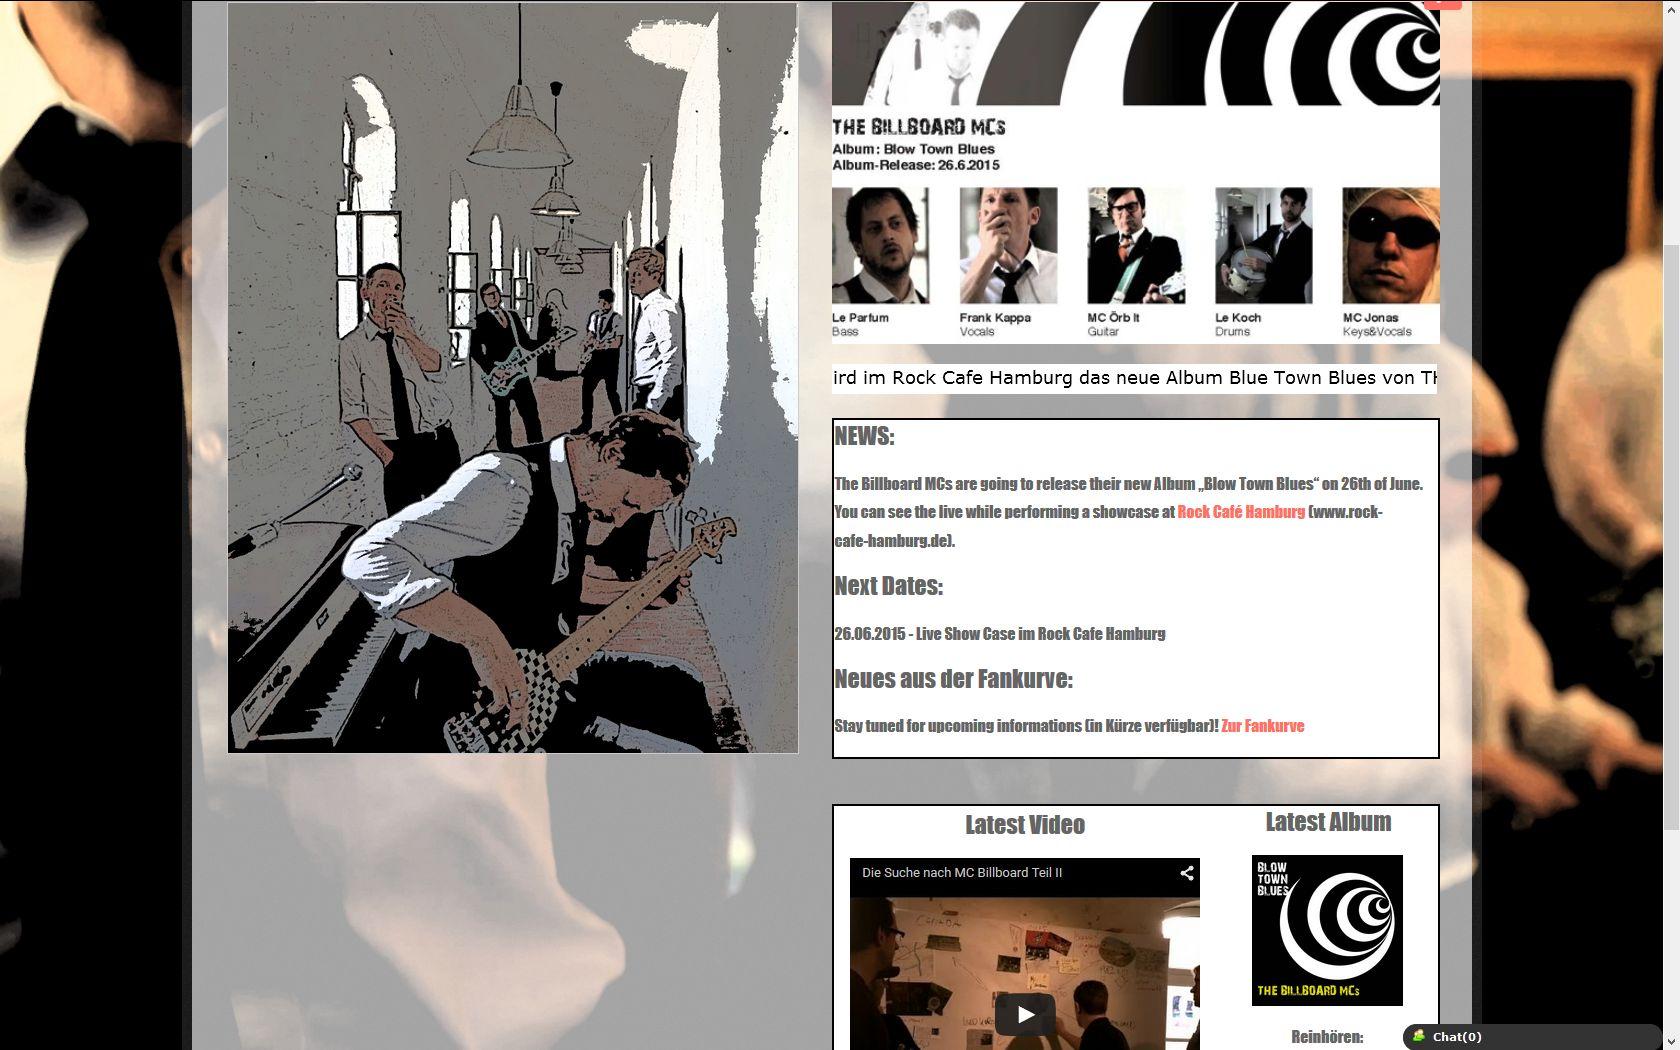 Darstellung der Band in Joomla! mit JSN Image Show, News-Ticker, Banddarstellung, Video und letztes Album